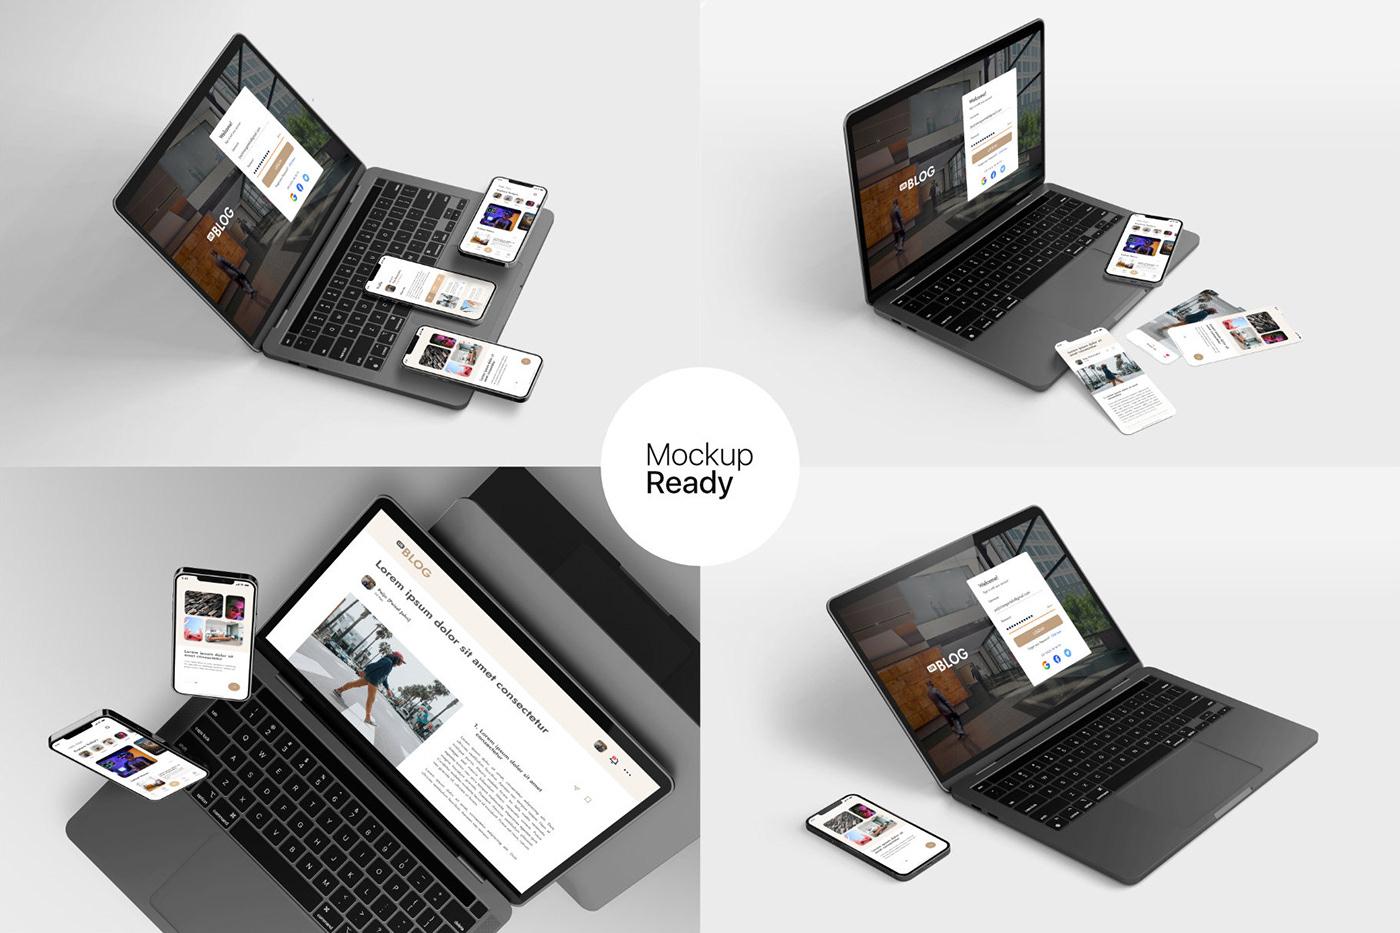 15个自适应网页APP界面设计苹果设备屏幕演示样机模板 UI/UX App Presentation – Phone & Notebook Mockup插图9